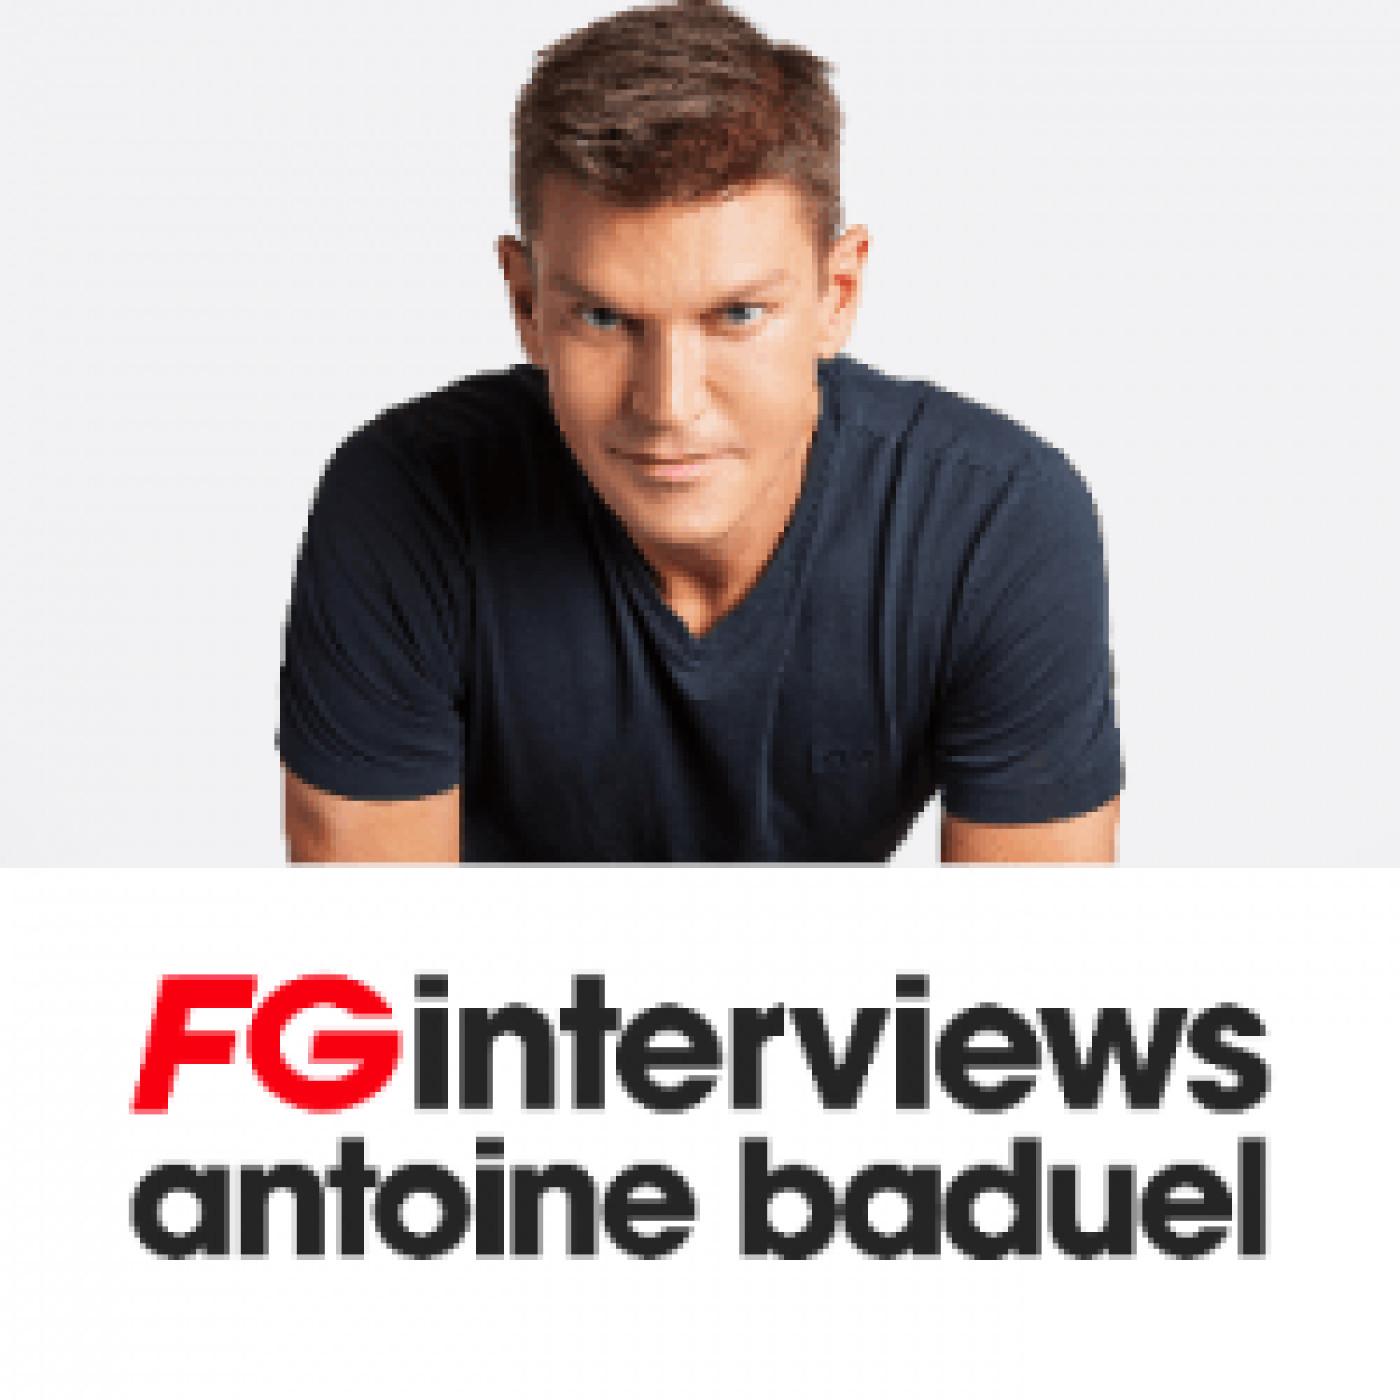 L'INTERVIEW DE DAVID GUETTA DANS L'HAPPY HOUR FG